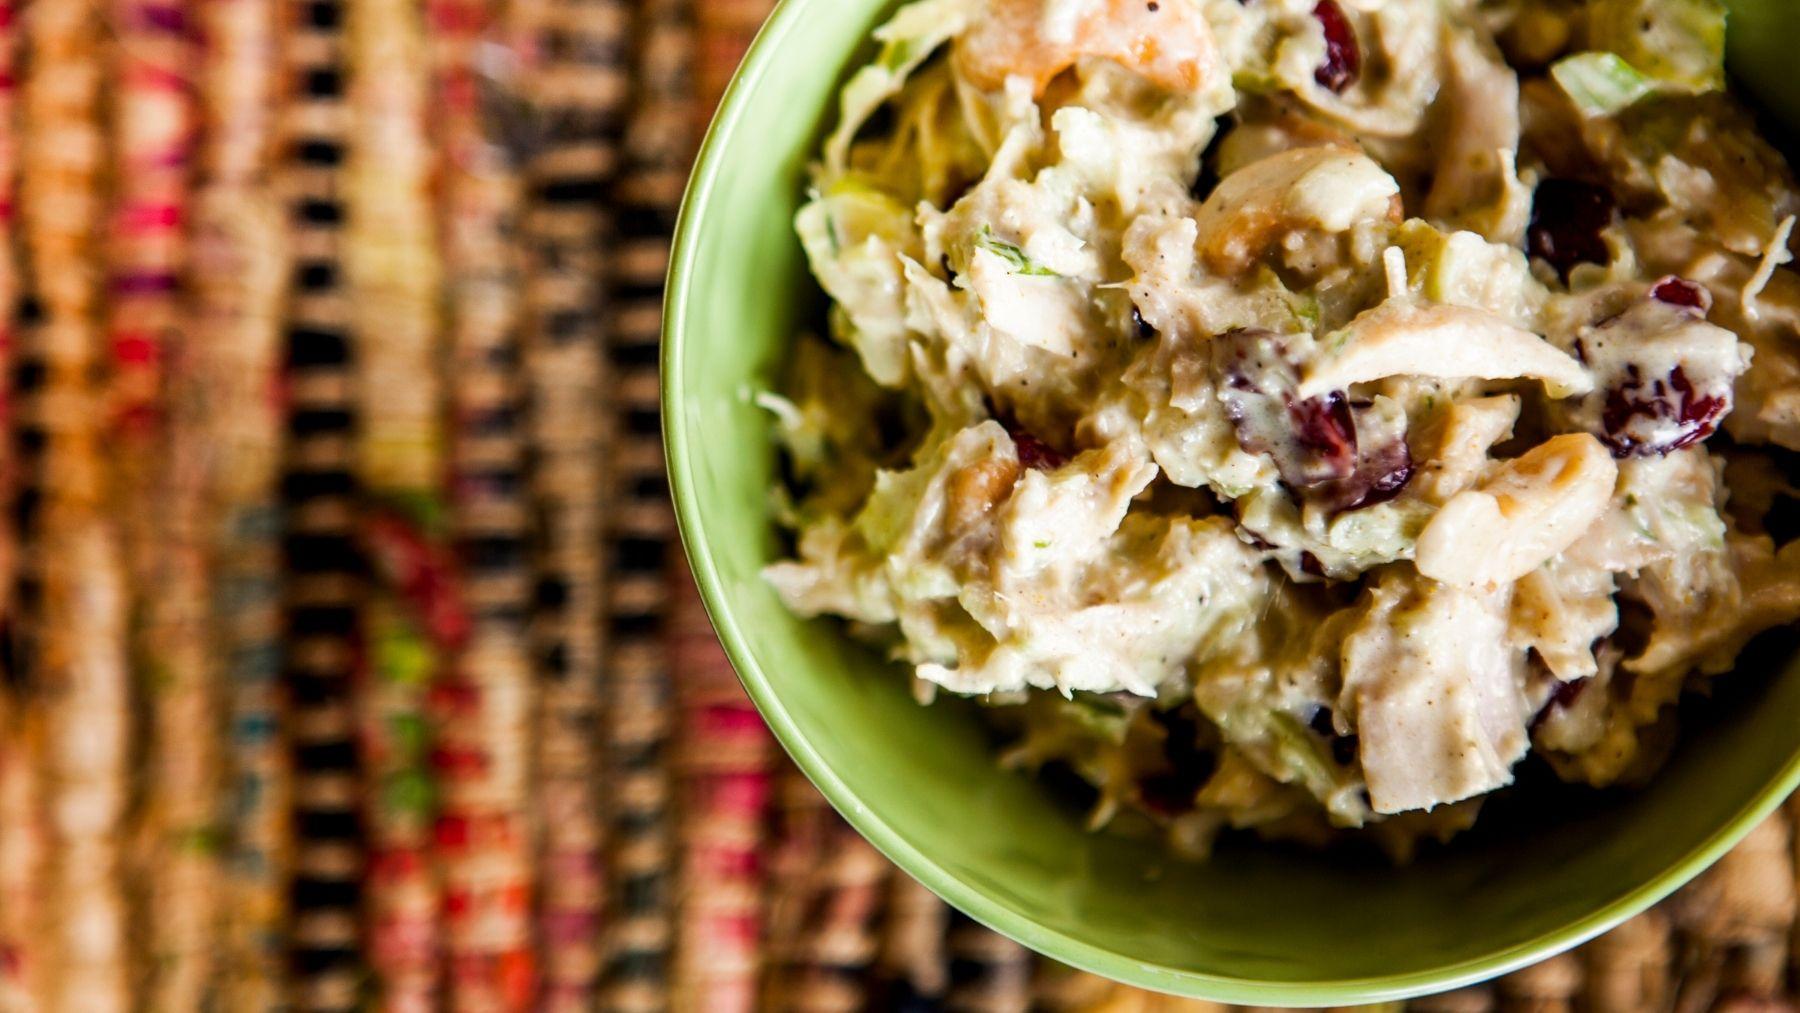 Receta de ensalada de pollo al curry con piña